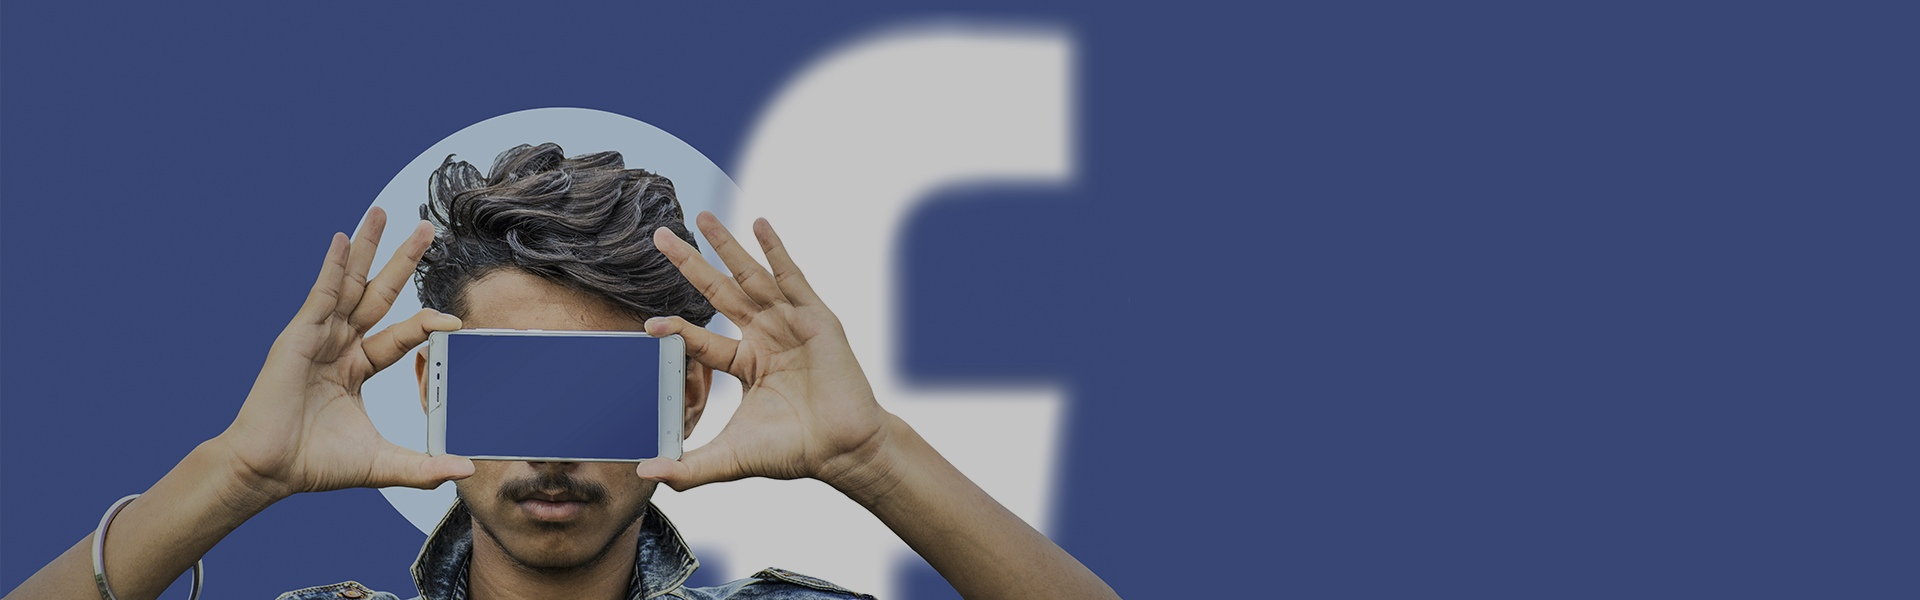 Большие ограничения в социальных сетях